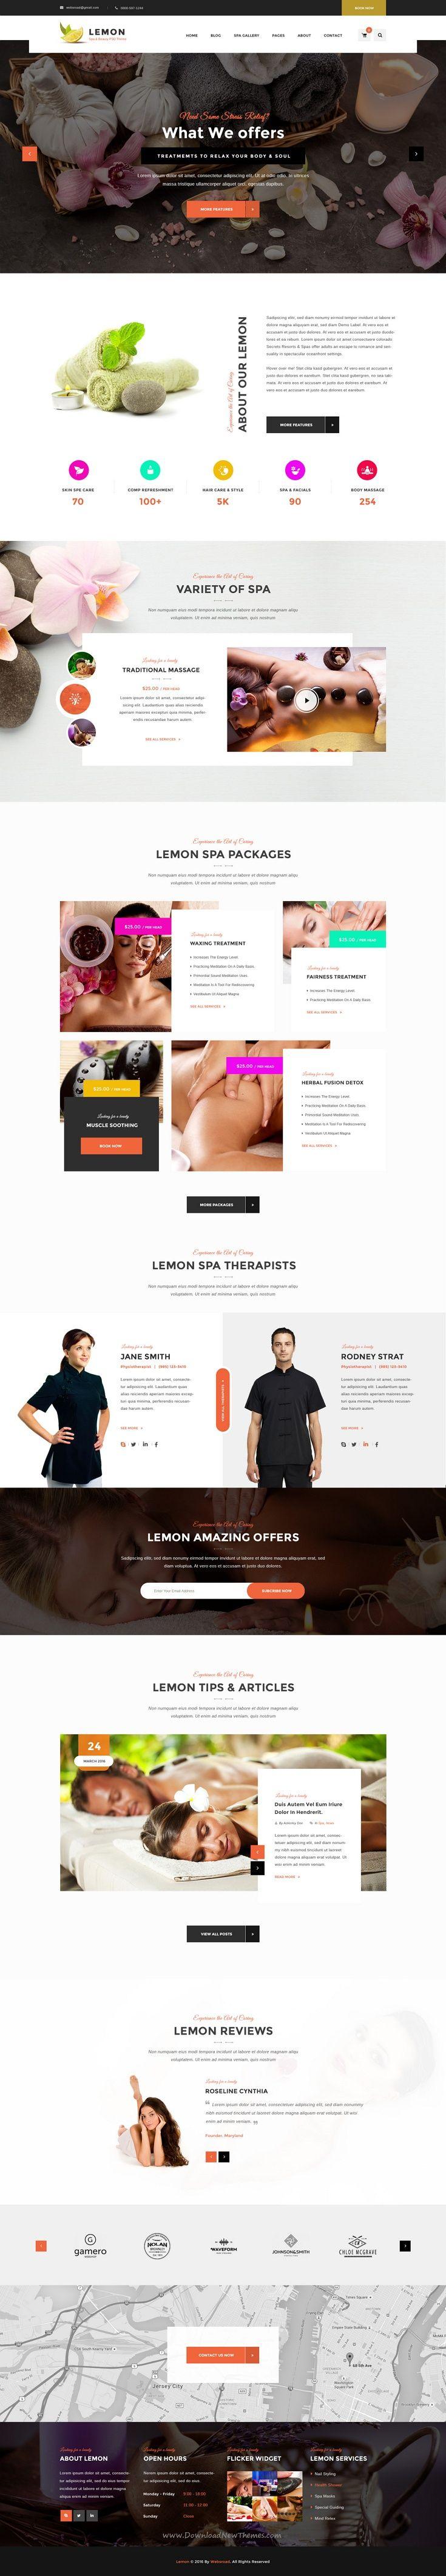 Lemon Spa and Beauty PSD Template